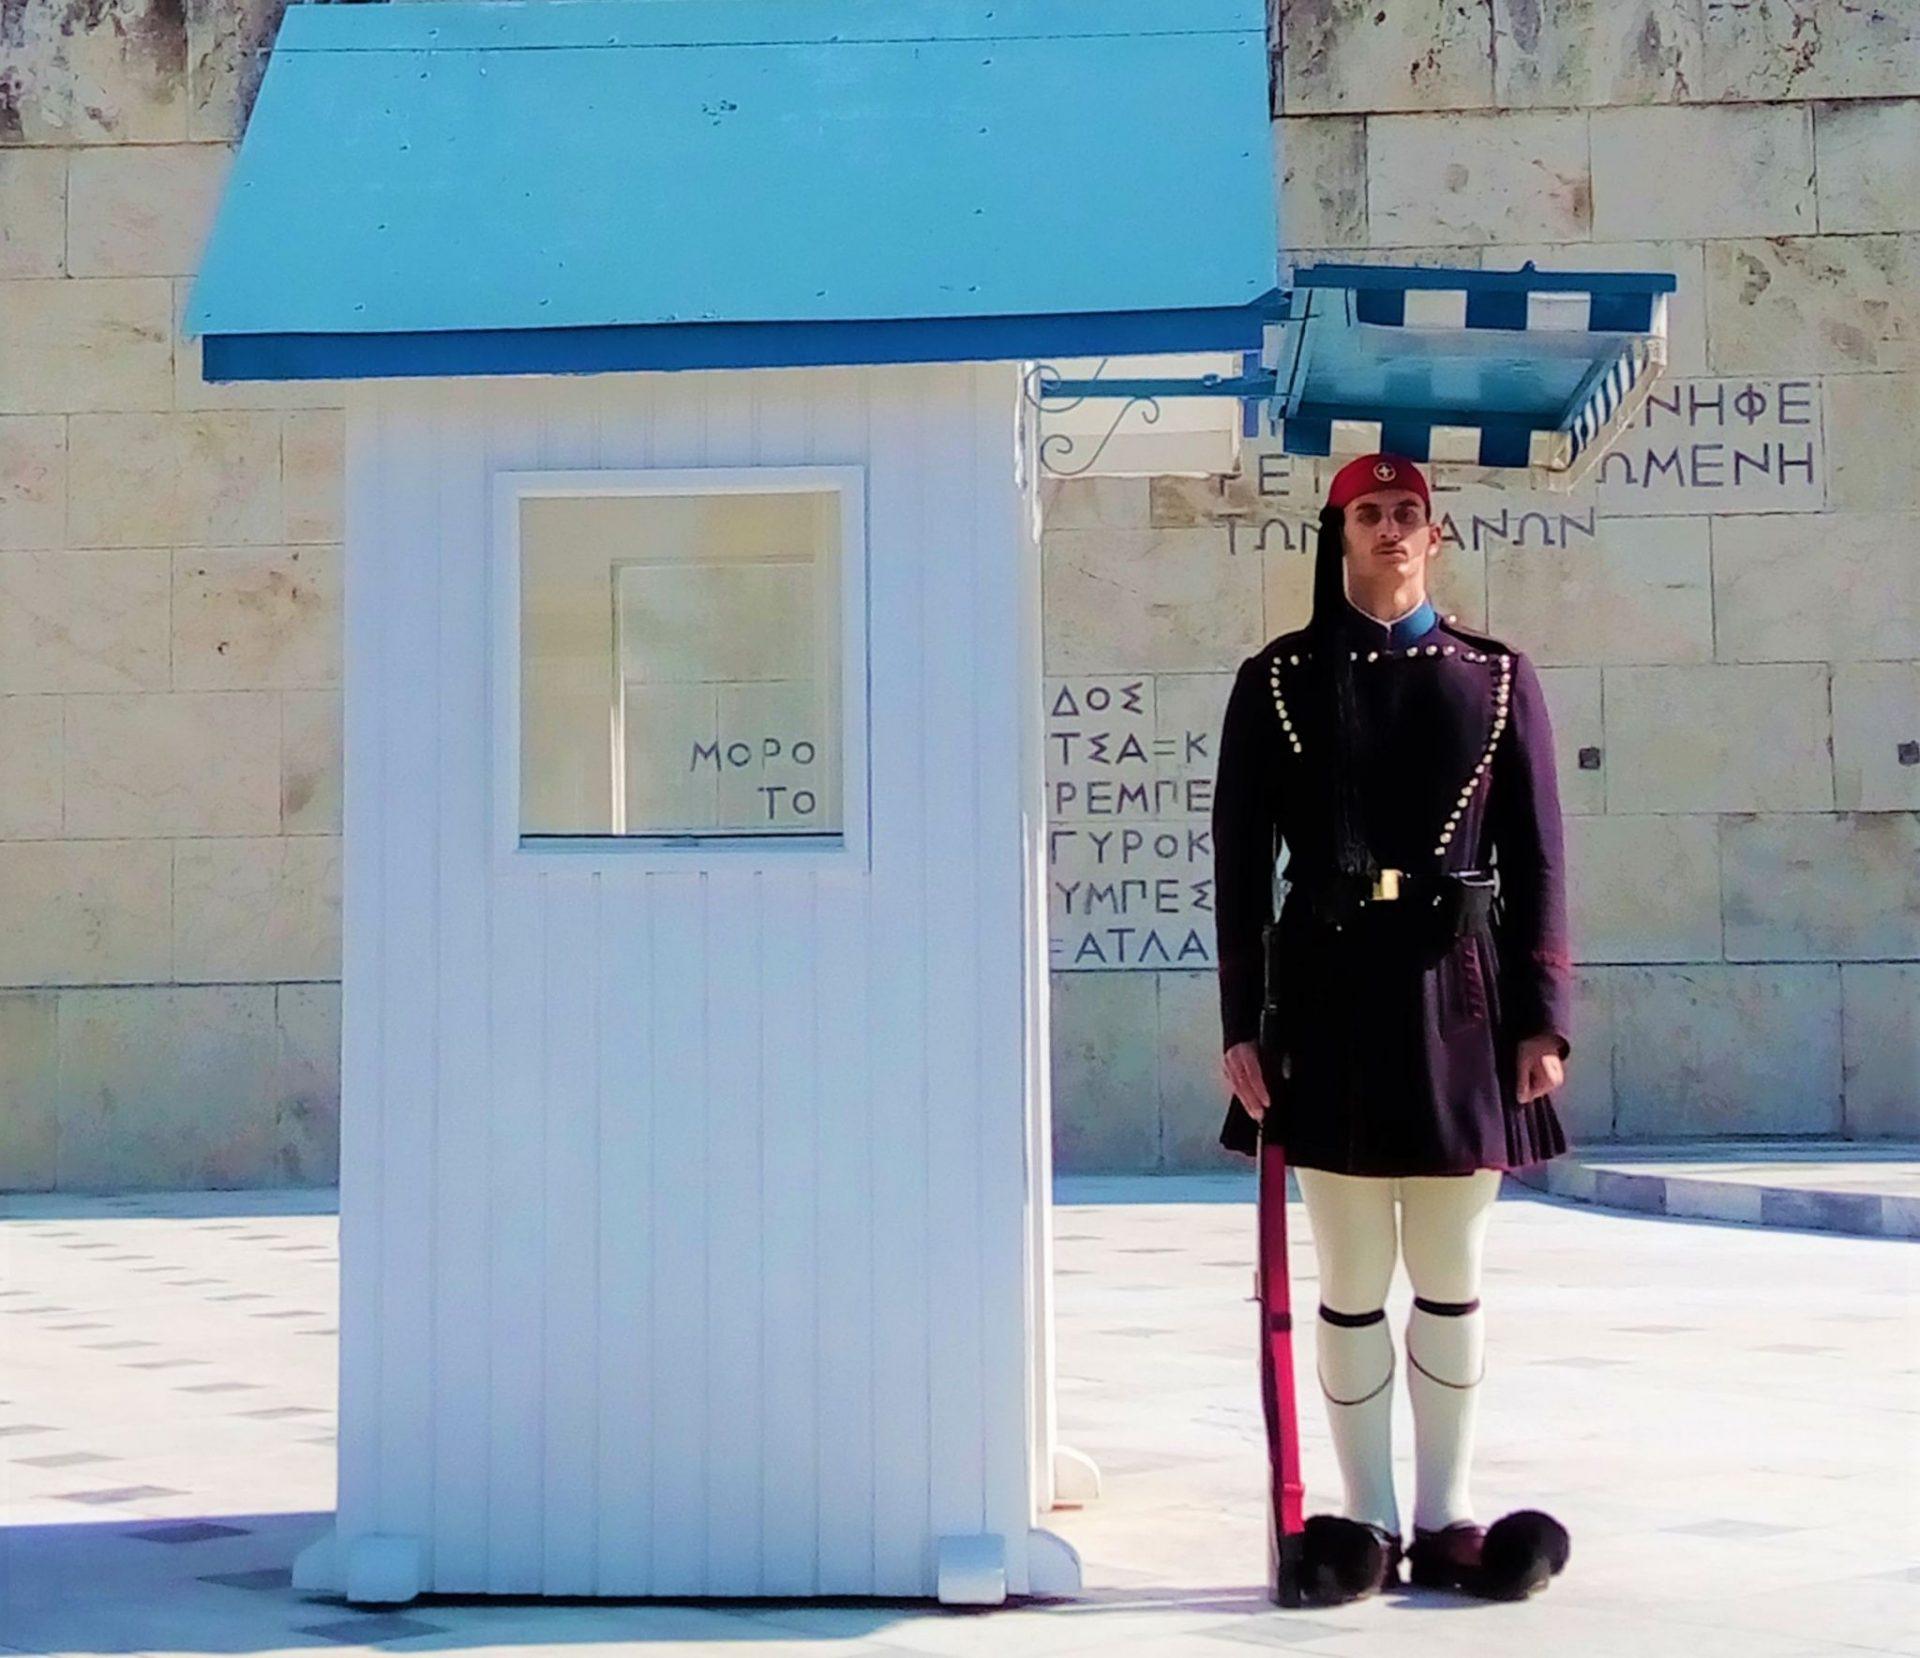 Athens Evzones